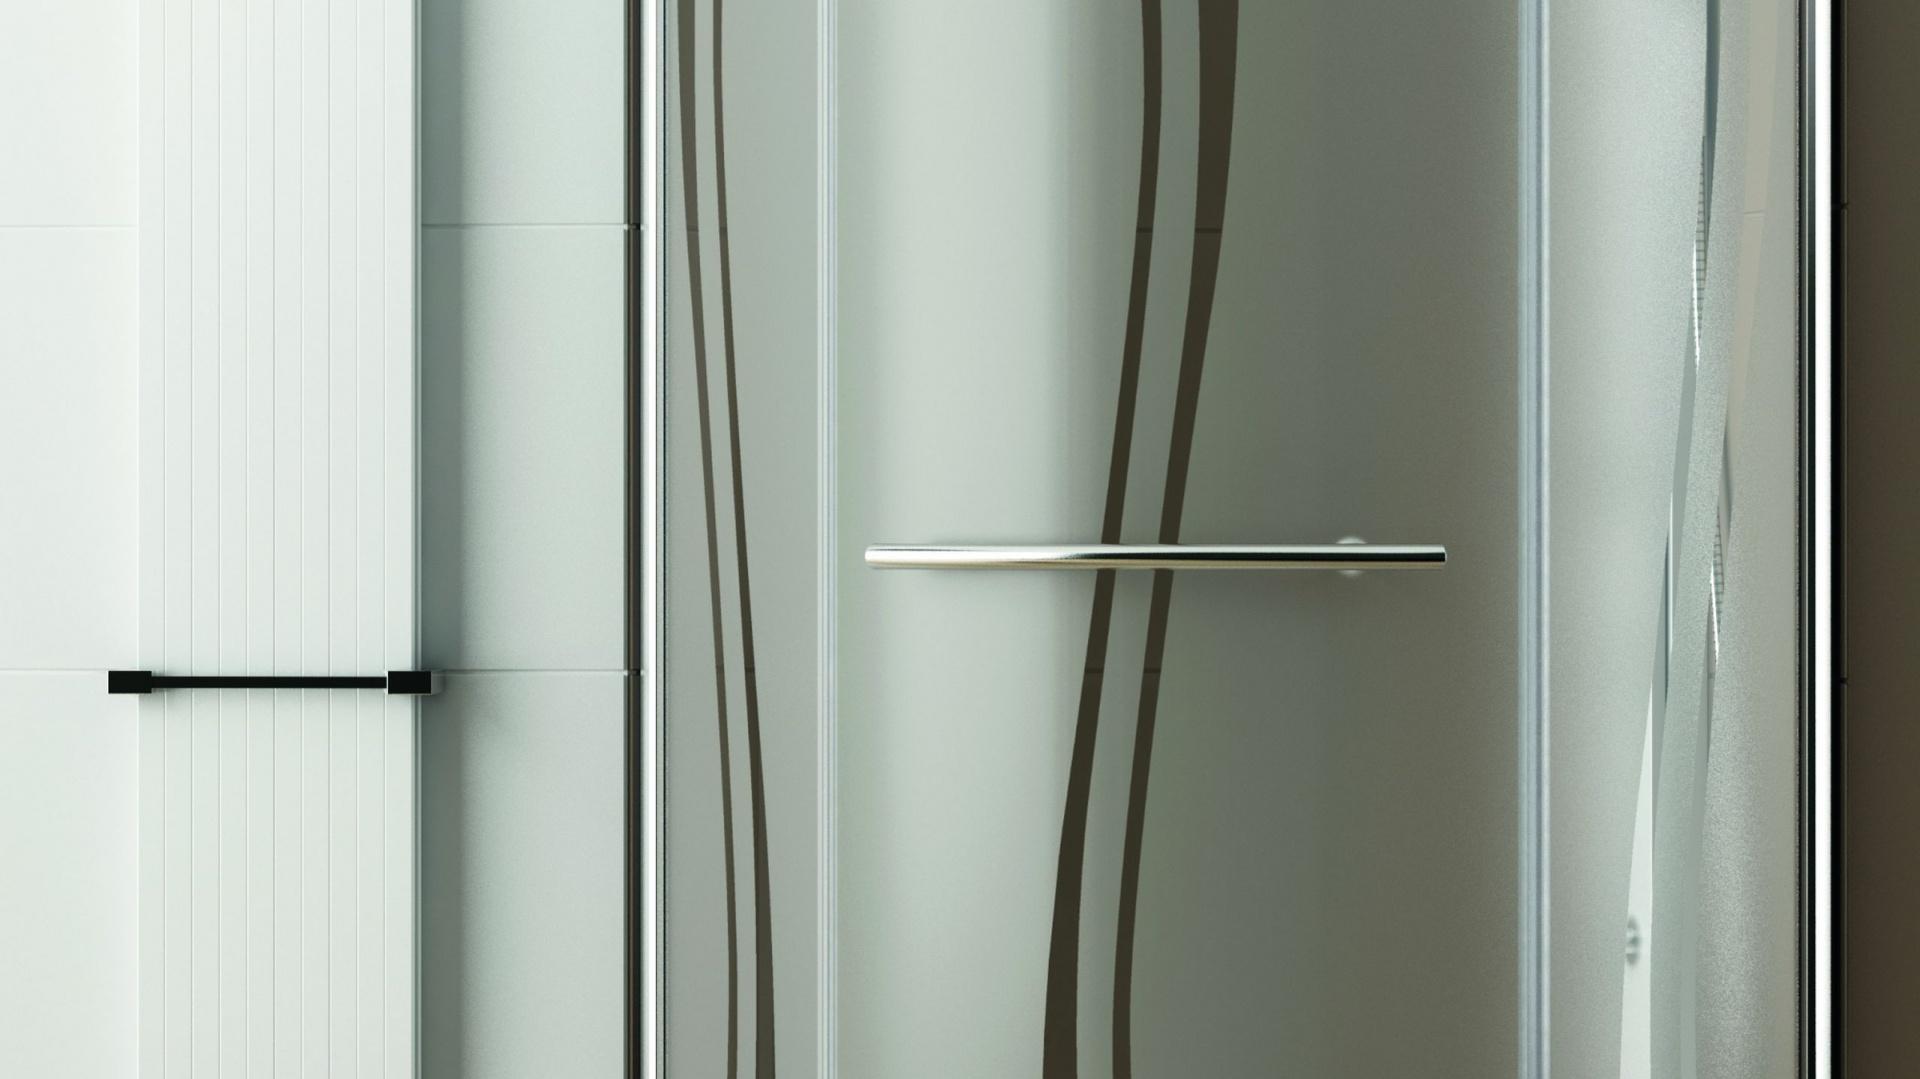 Cena: ok. 1.597 zł. Puenta marki Aquaform  to kabina  z oryginalnym wypełnieniem swing oraz efektownym uchwytem. Fot. Aquaform.